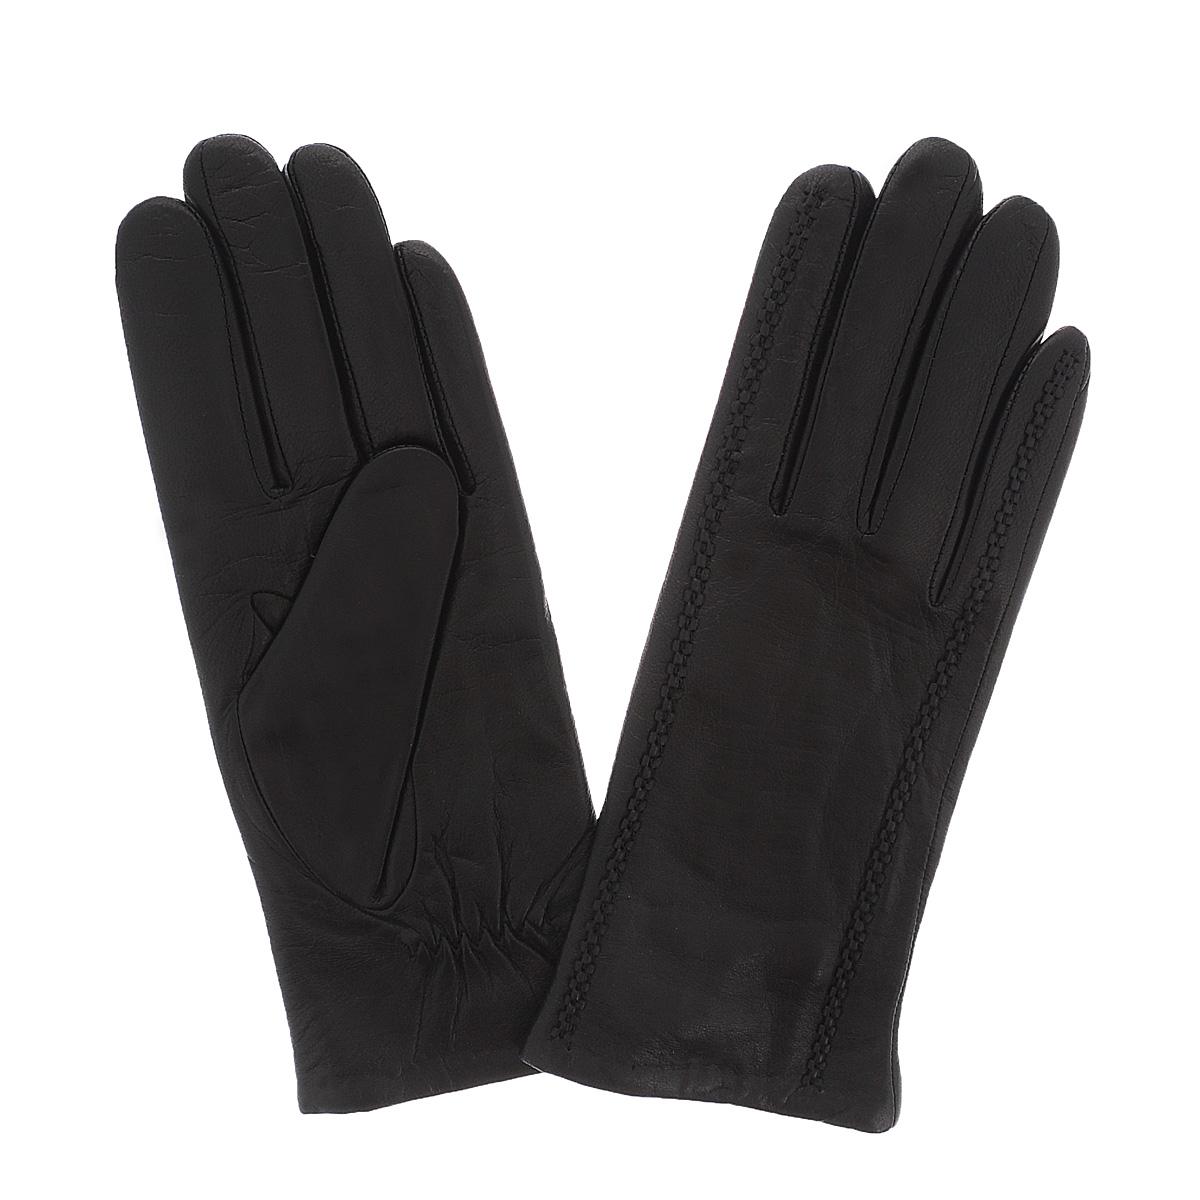 Перчатки11_CAMBOLE/NEWСтильные перчатки Dali Exclusive с подкладкой из шерсти выполнены из мягкой и приятной на ощупь натуральной кожи ягненка. С лицевой стороны перчатки оформлены декоративными швами. Такие перчатки подчеркнут ваш стиль и неповторимость.